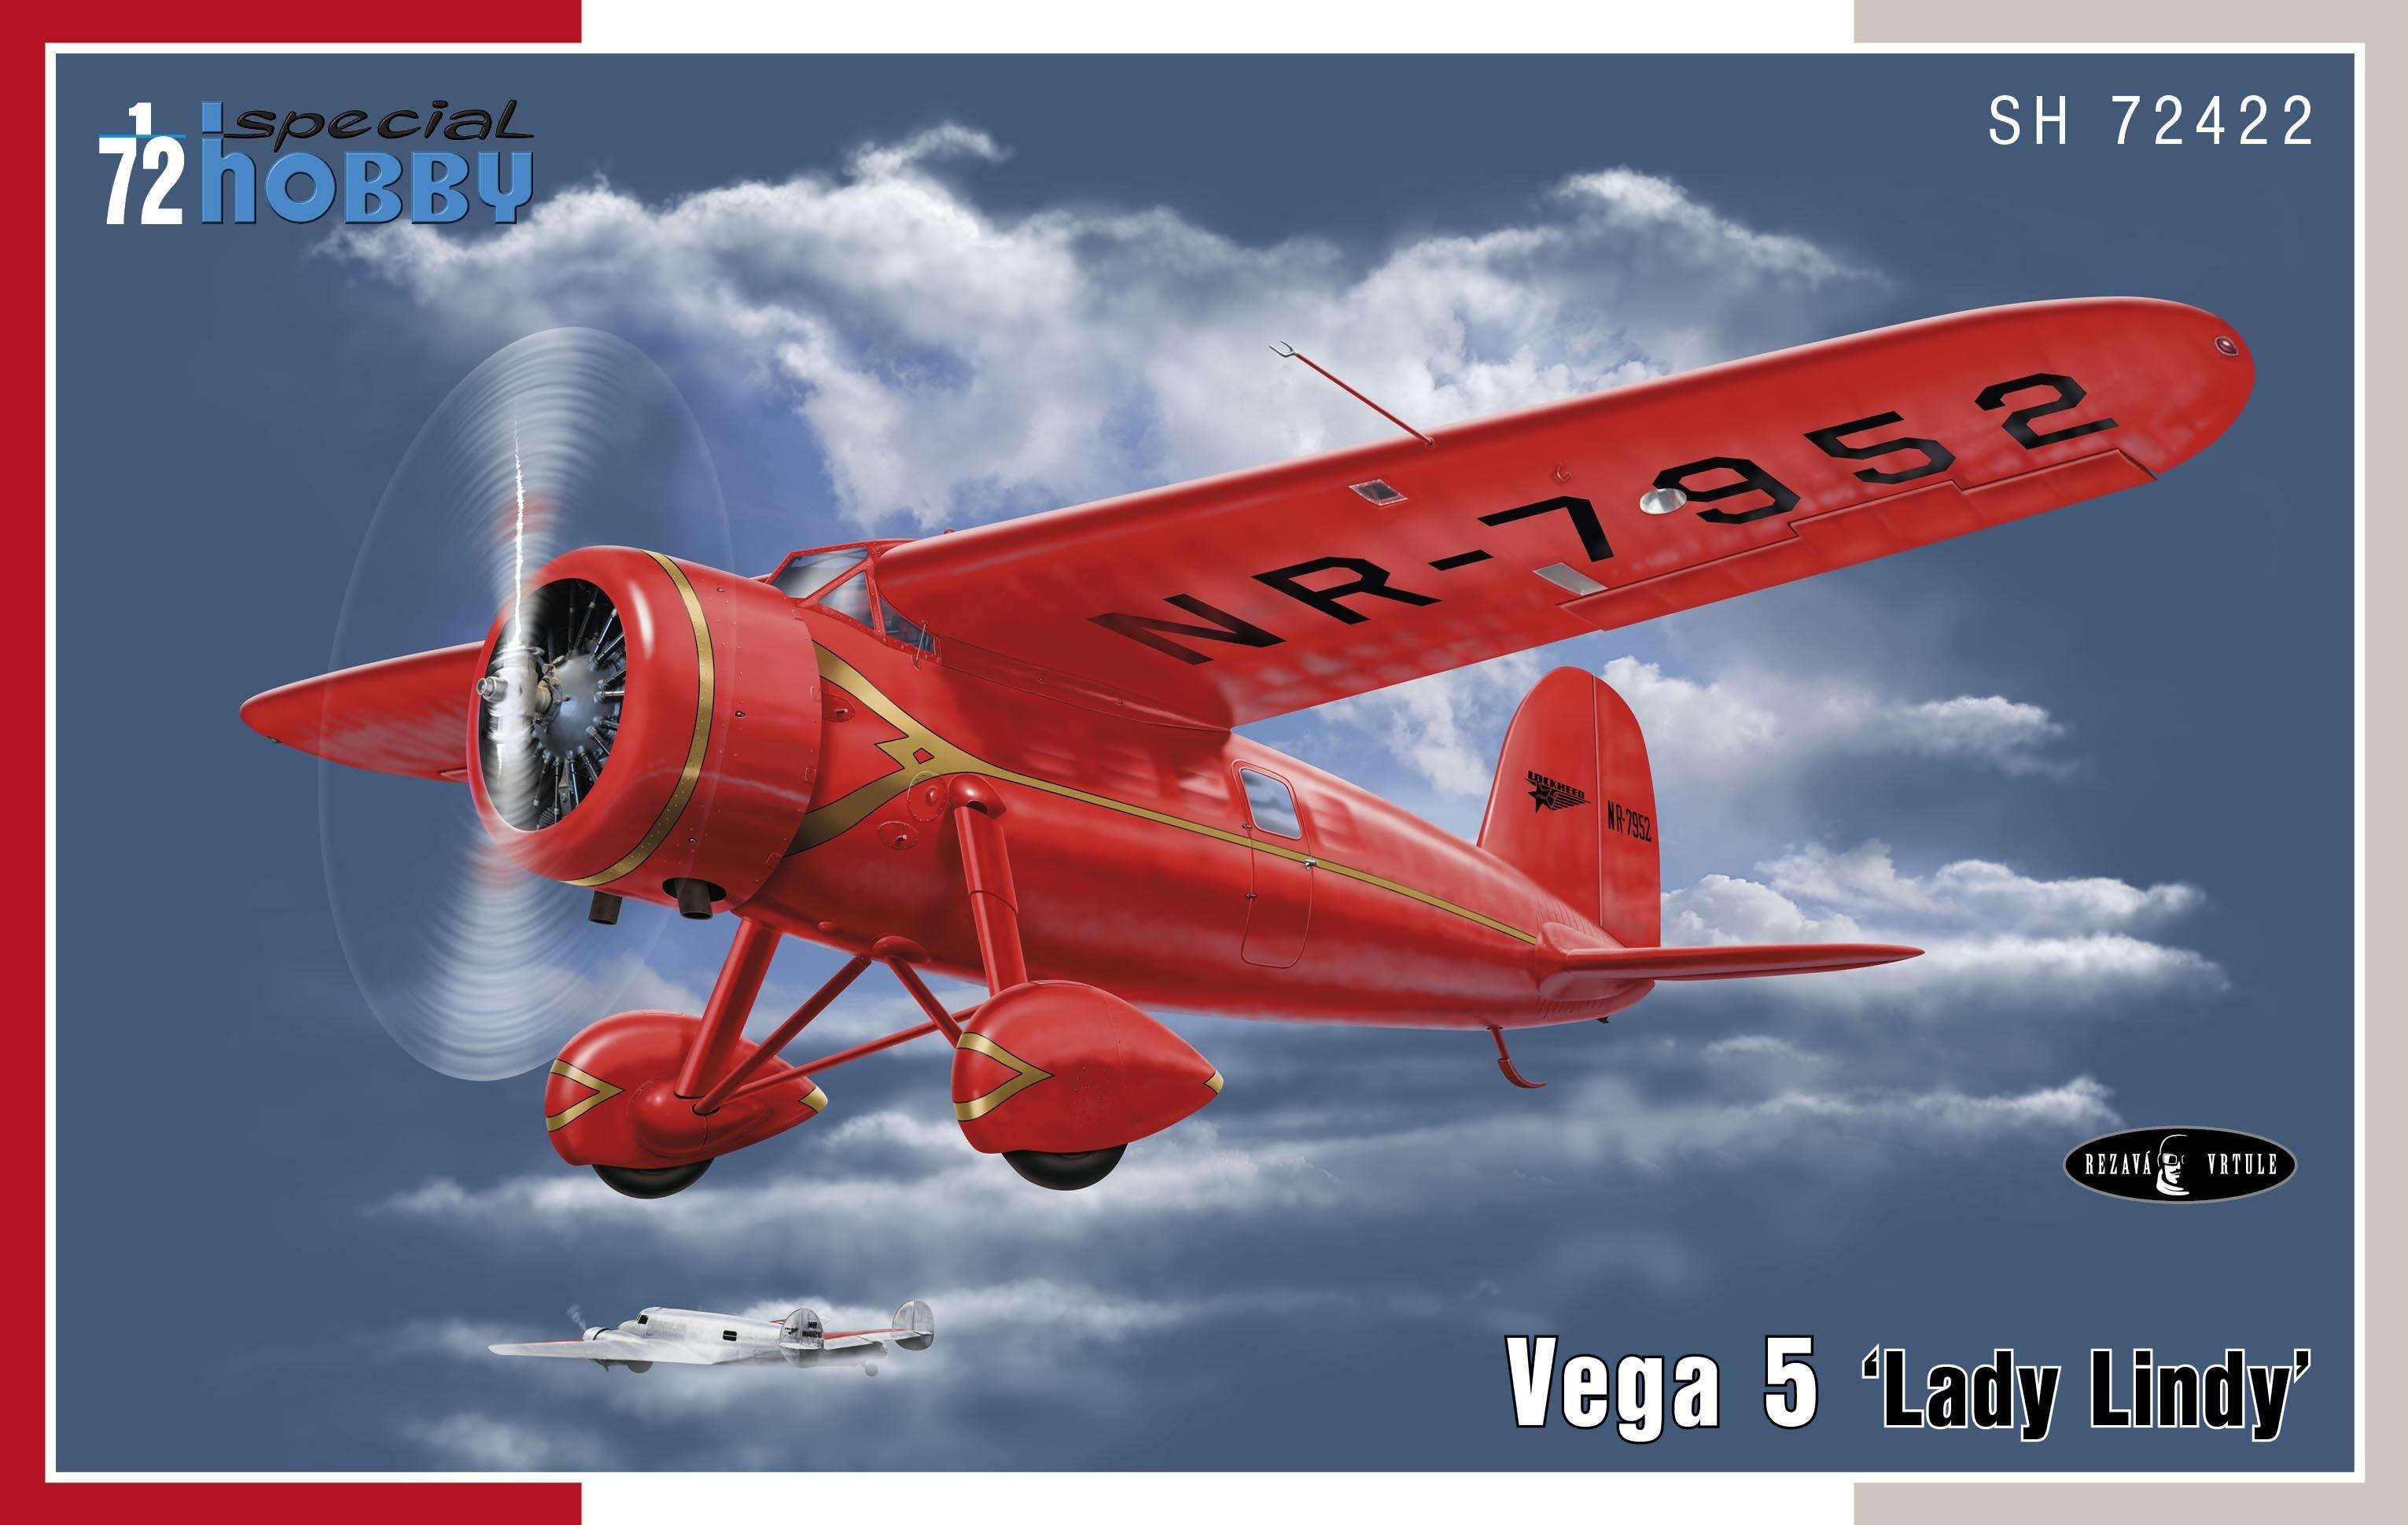 Lockheed Vega 5 Lady Lindy